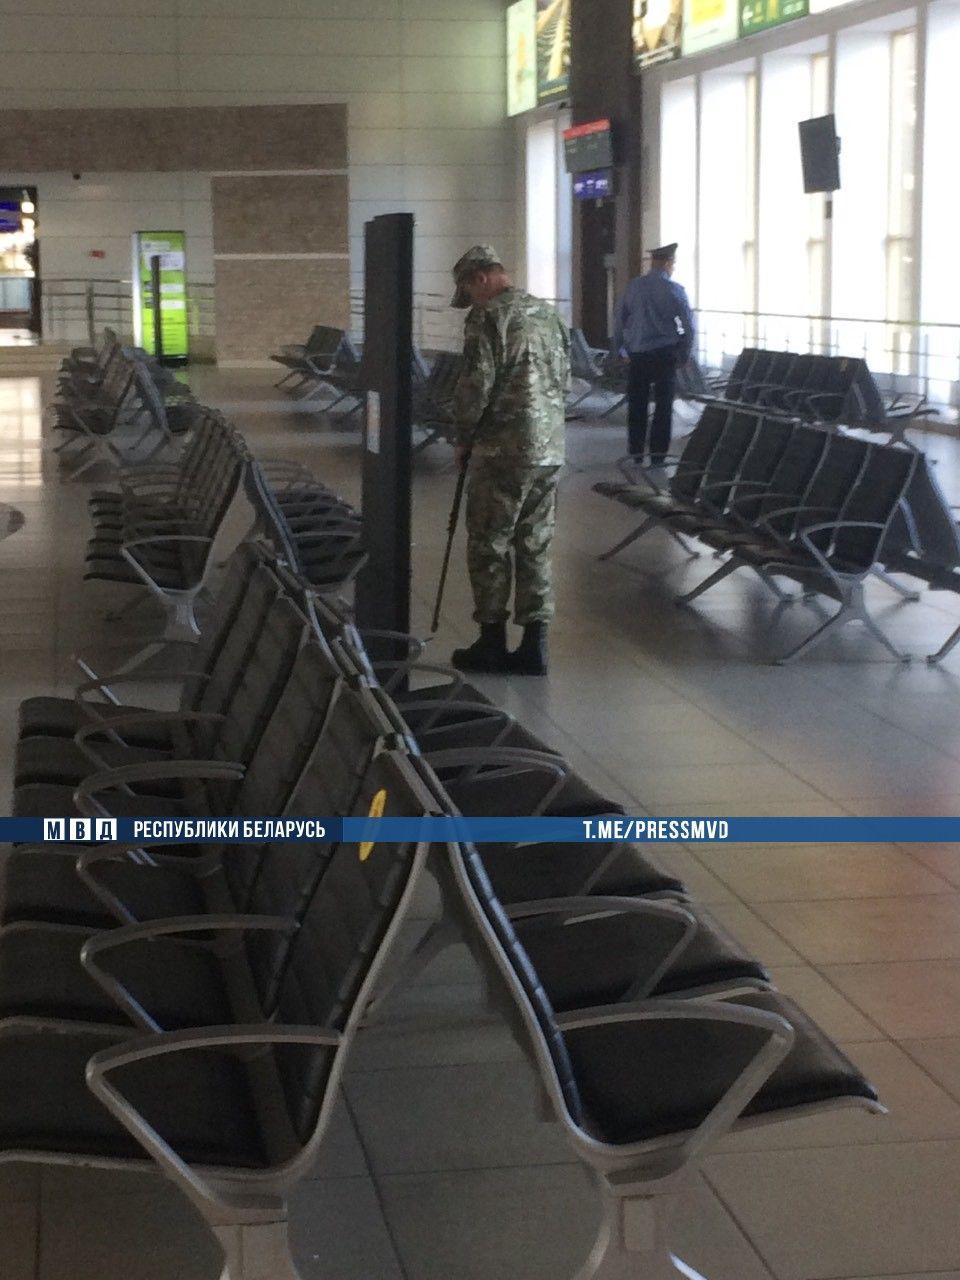 Мероприятия по ранее поступившему сообщению о взрывных устройствах («минирование» ж/д вокзала и авиарейсов) окончены.